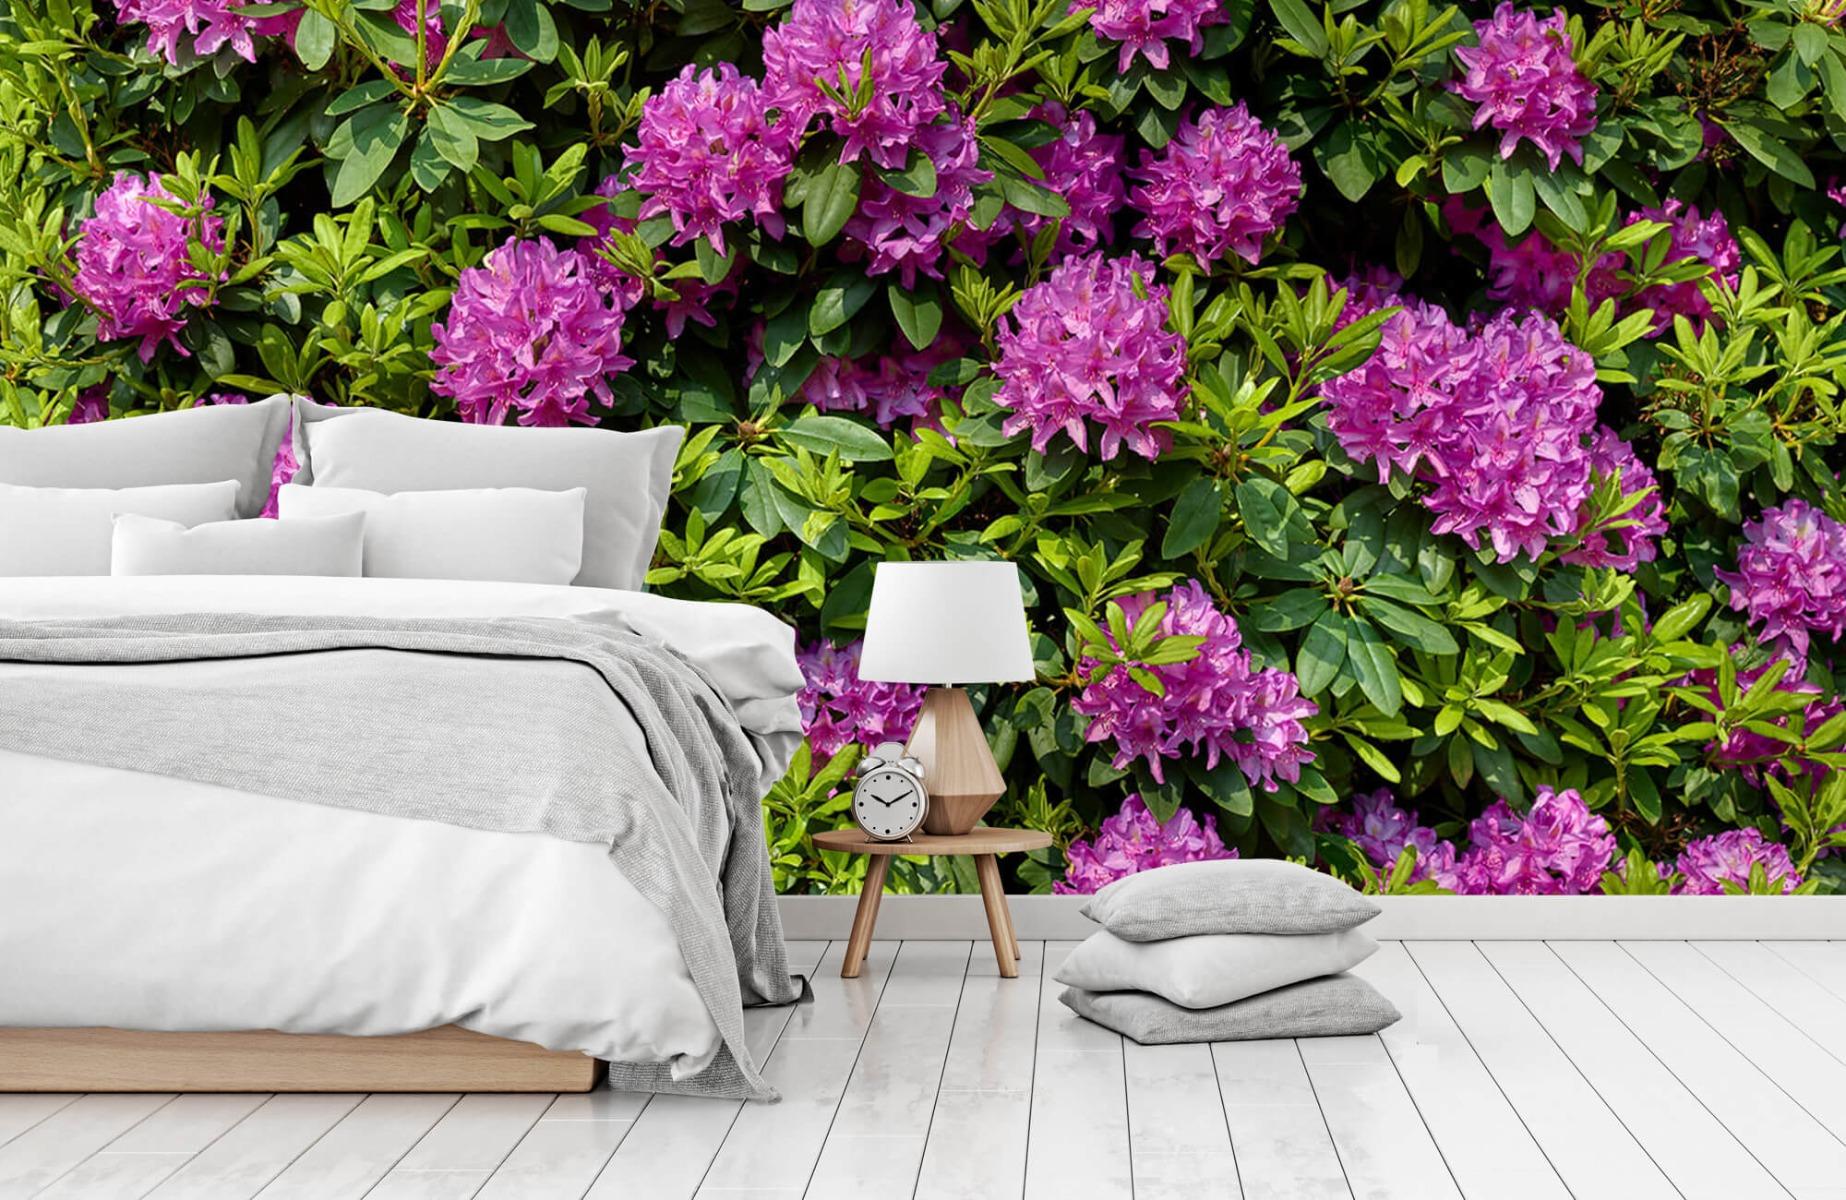 Bloemenvelden - Rododendrons - Wallexclusive - Slaapkamer 15